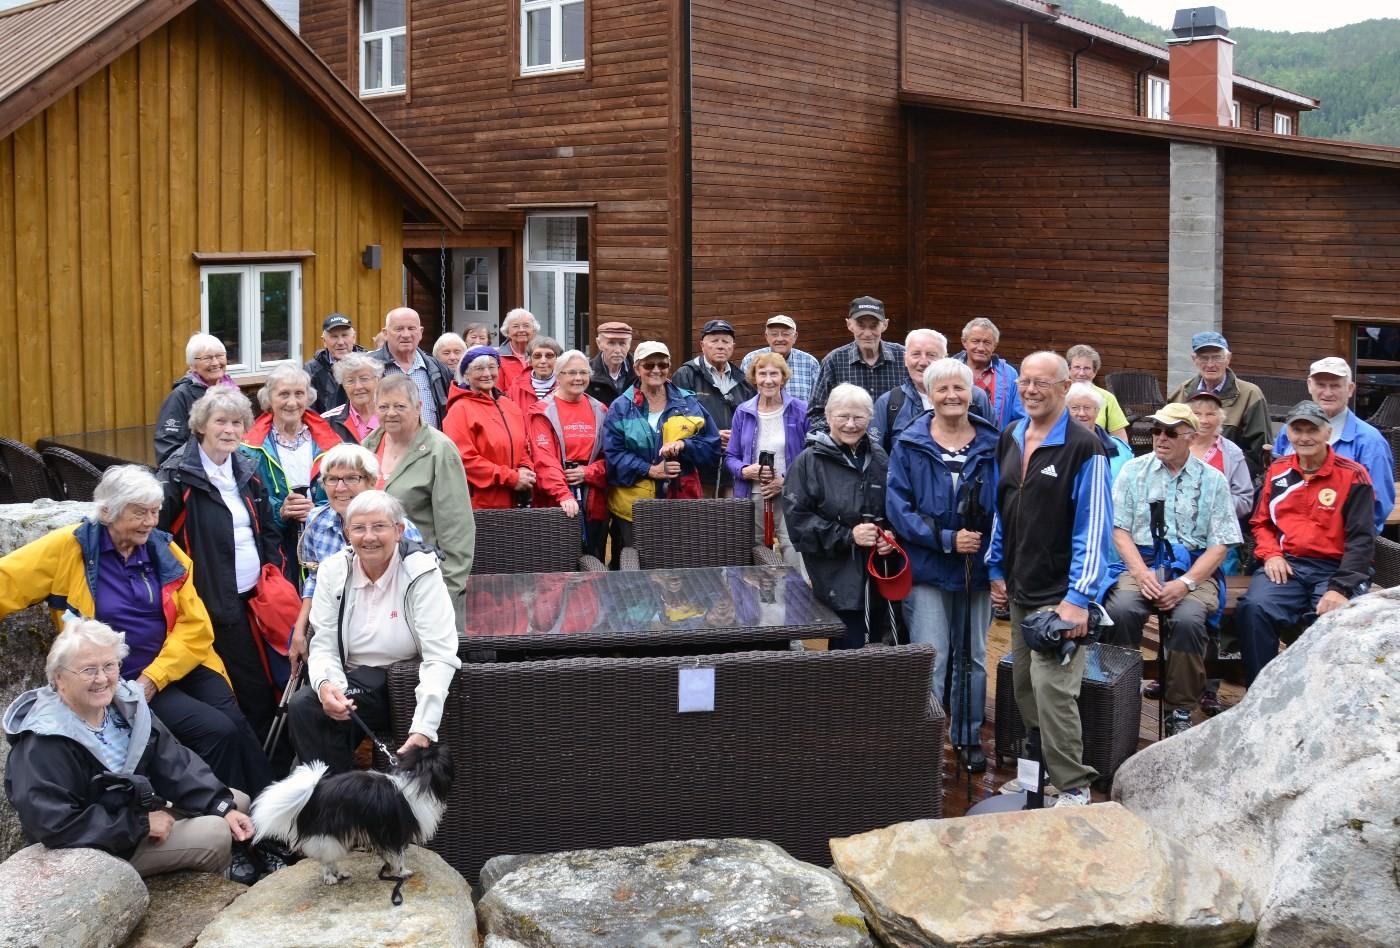 36 spreke pensjonistar fotografert i parkanlegget utafor gammelfabrikken som i dag er utstillingsseter for talgøbedriftene. Foto: Driva/Jon Olav Ørsal